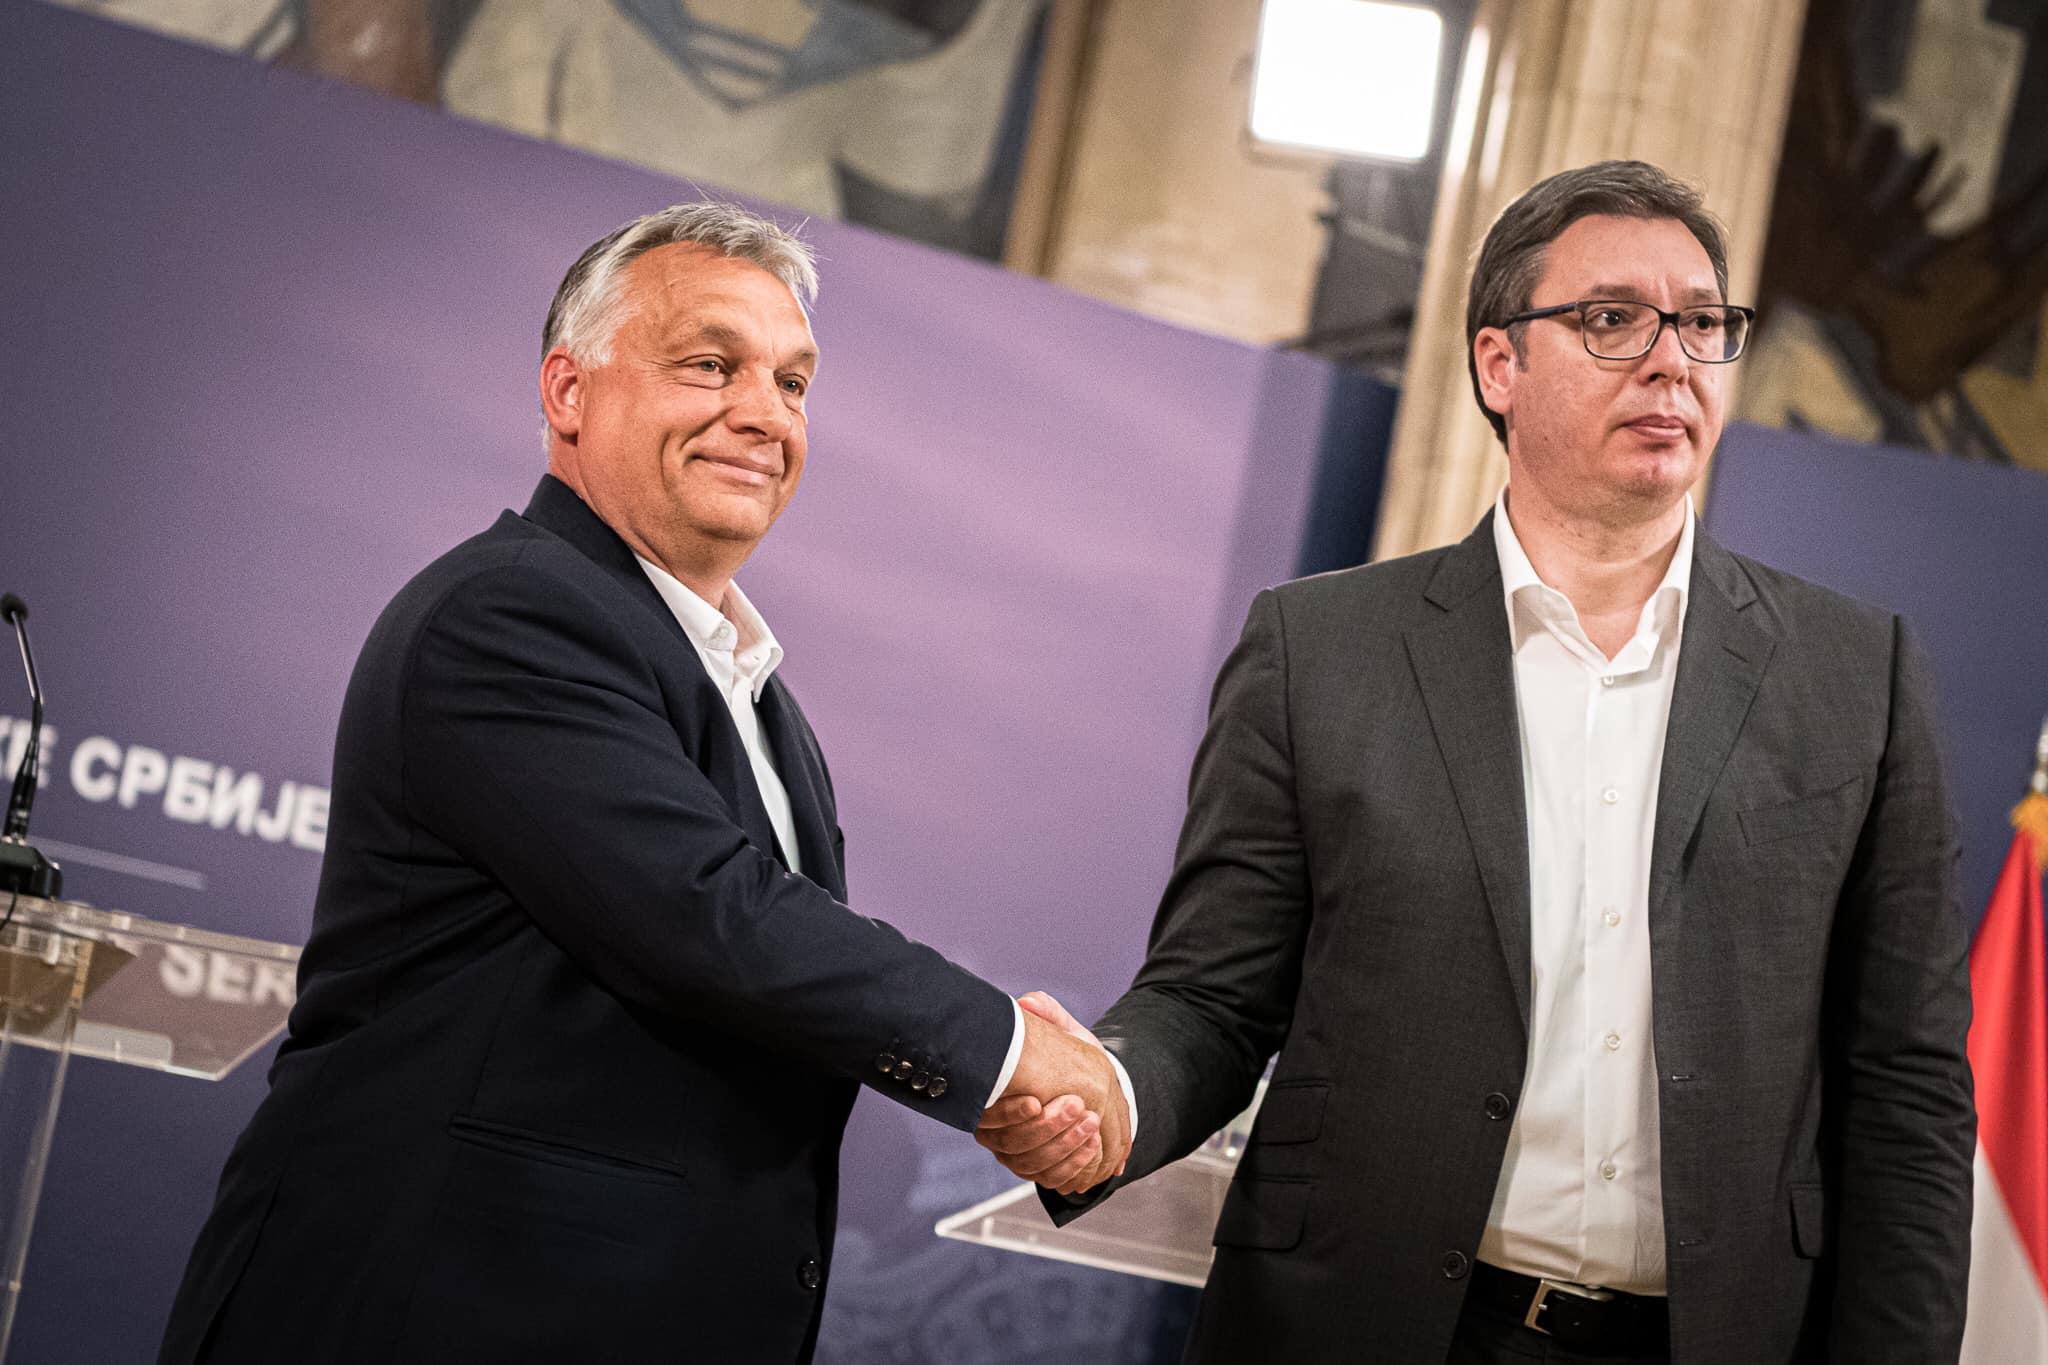 A szerb elnök mostanra akár Orbán Viktor politikai hasonmása is lehetne #moszkvater